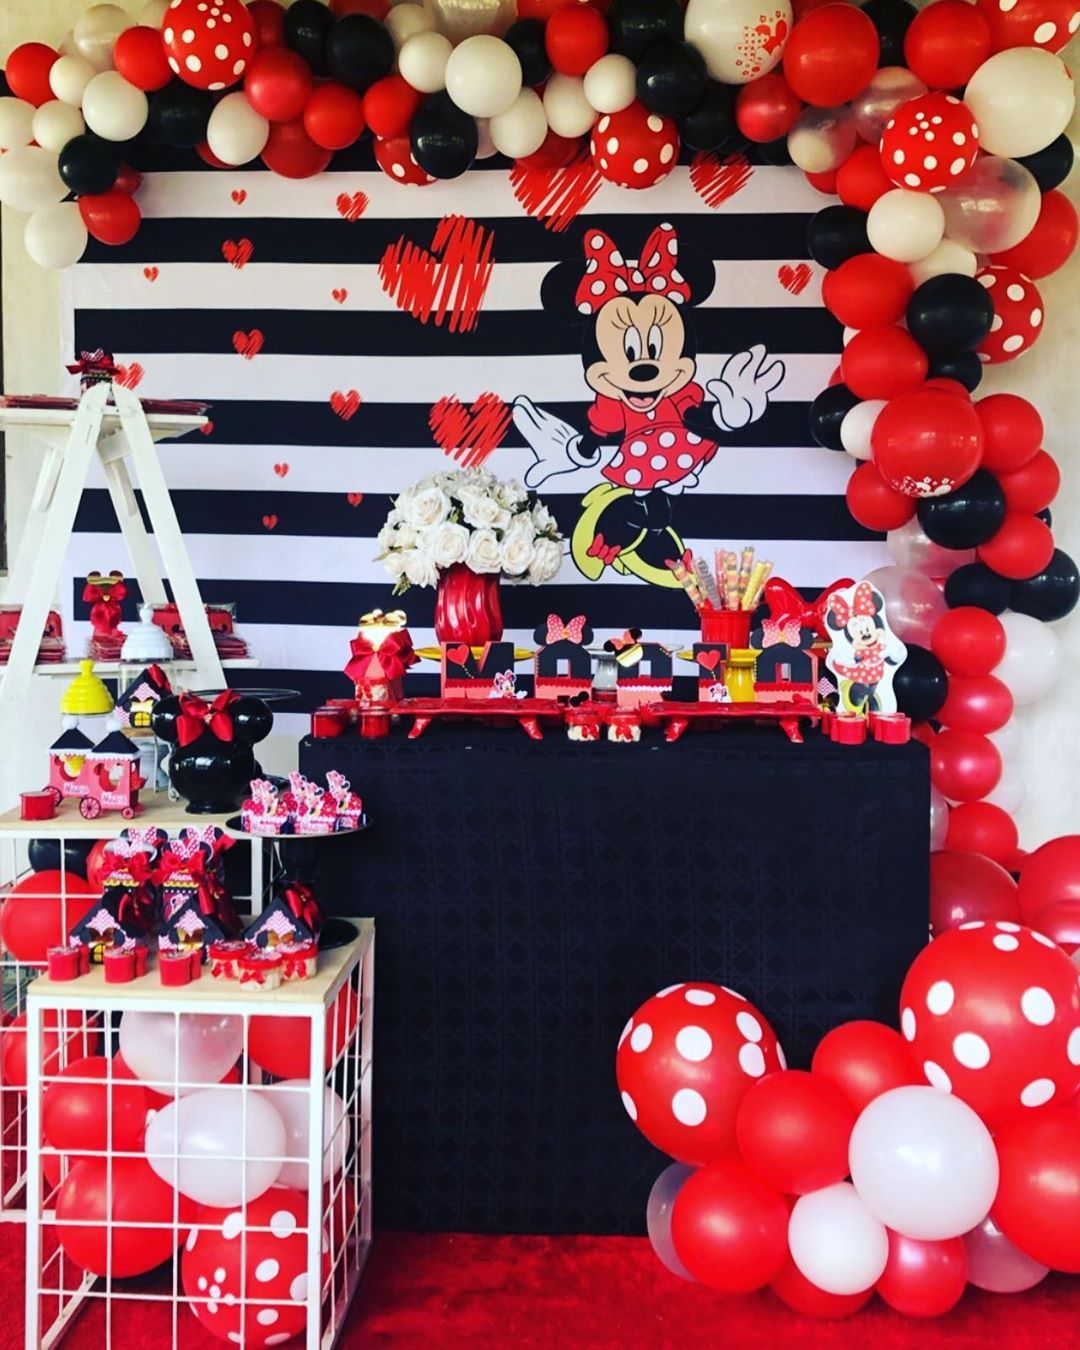 Festa Da Minnie Vermelha 85 Ideias Para Celebrar Com Charme